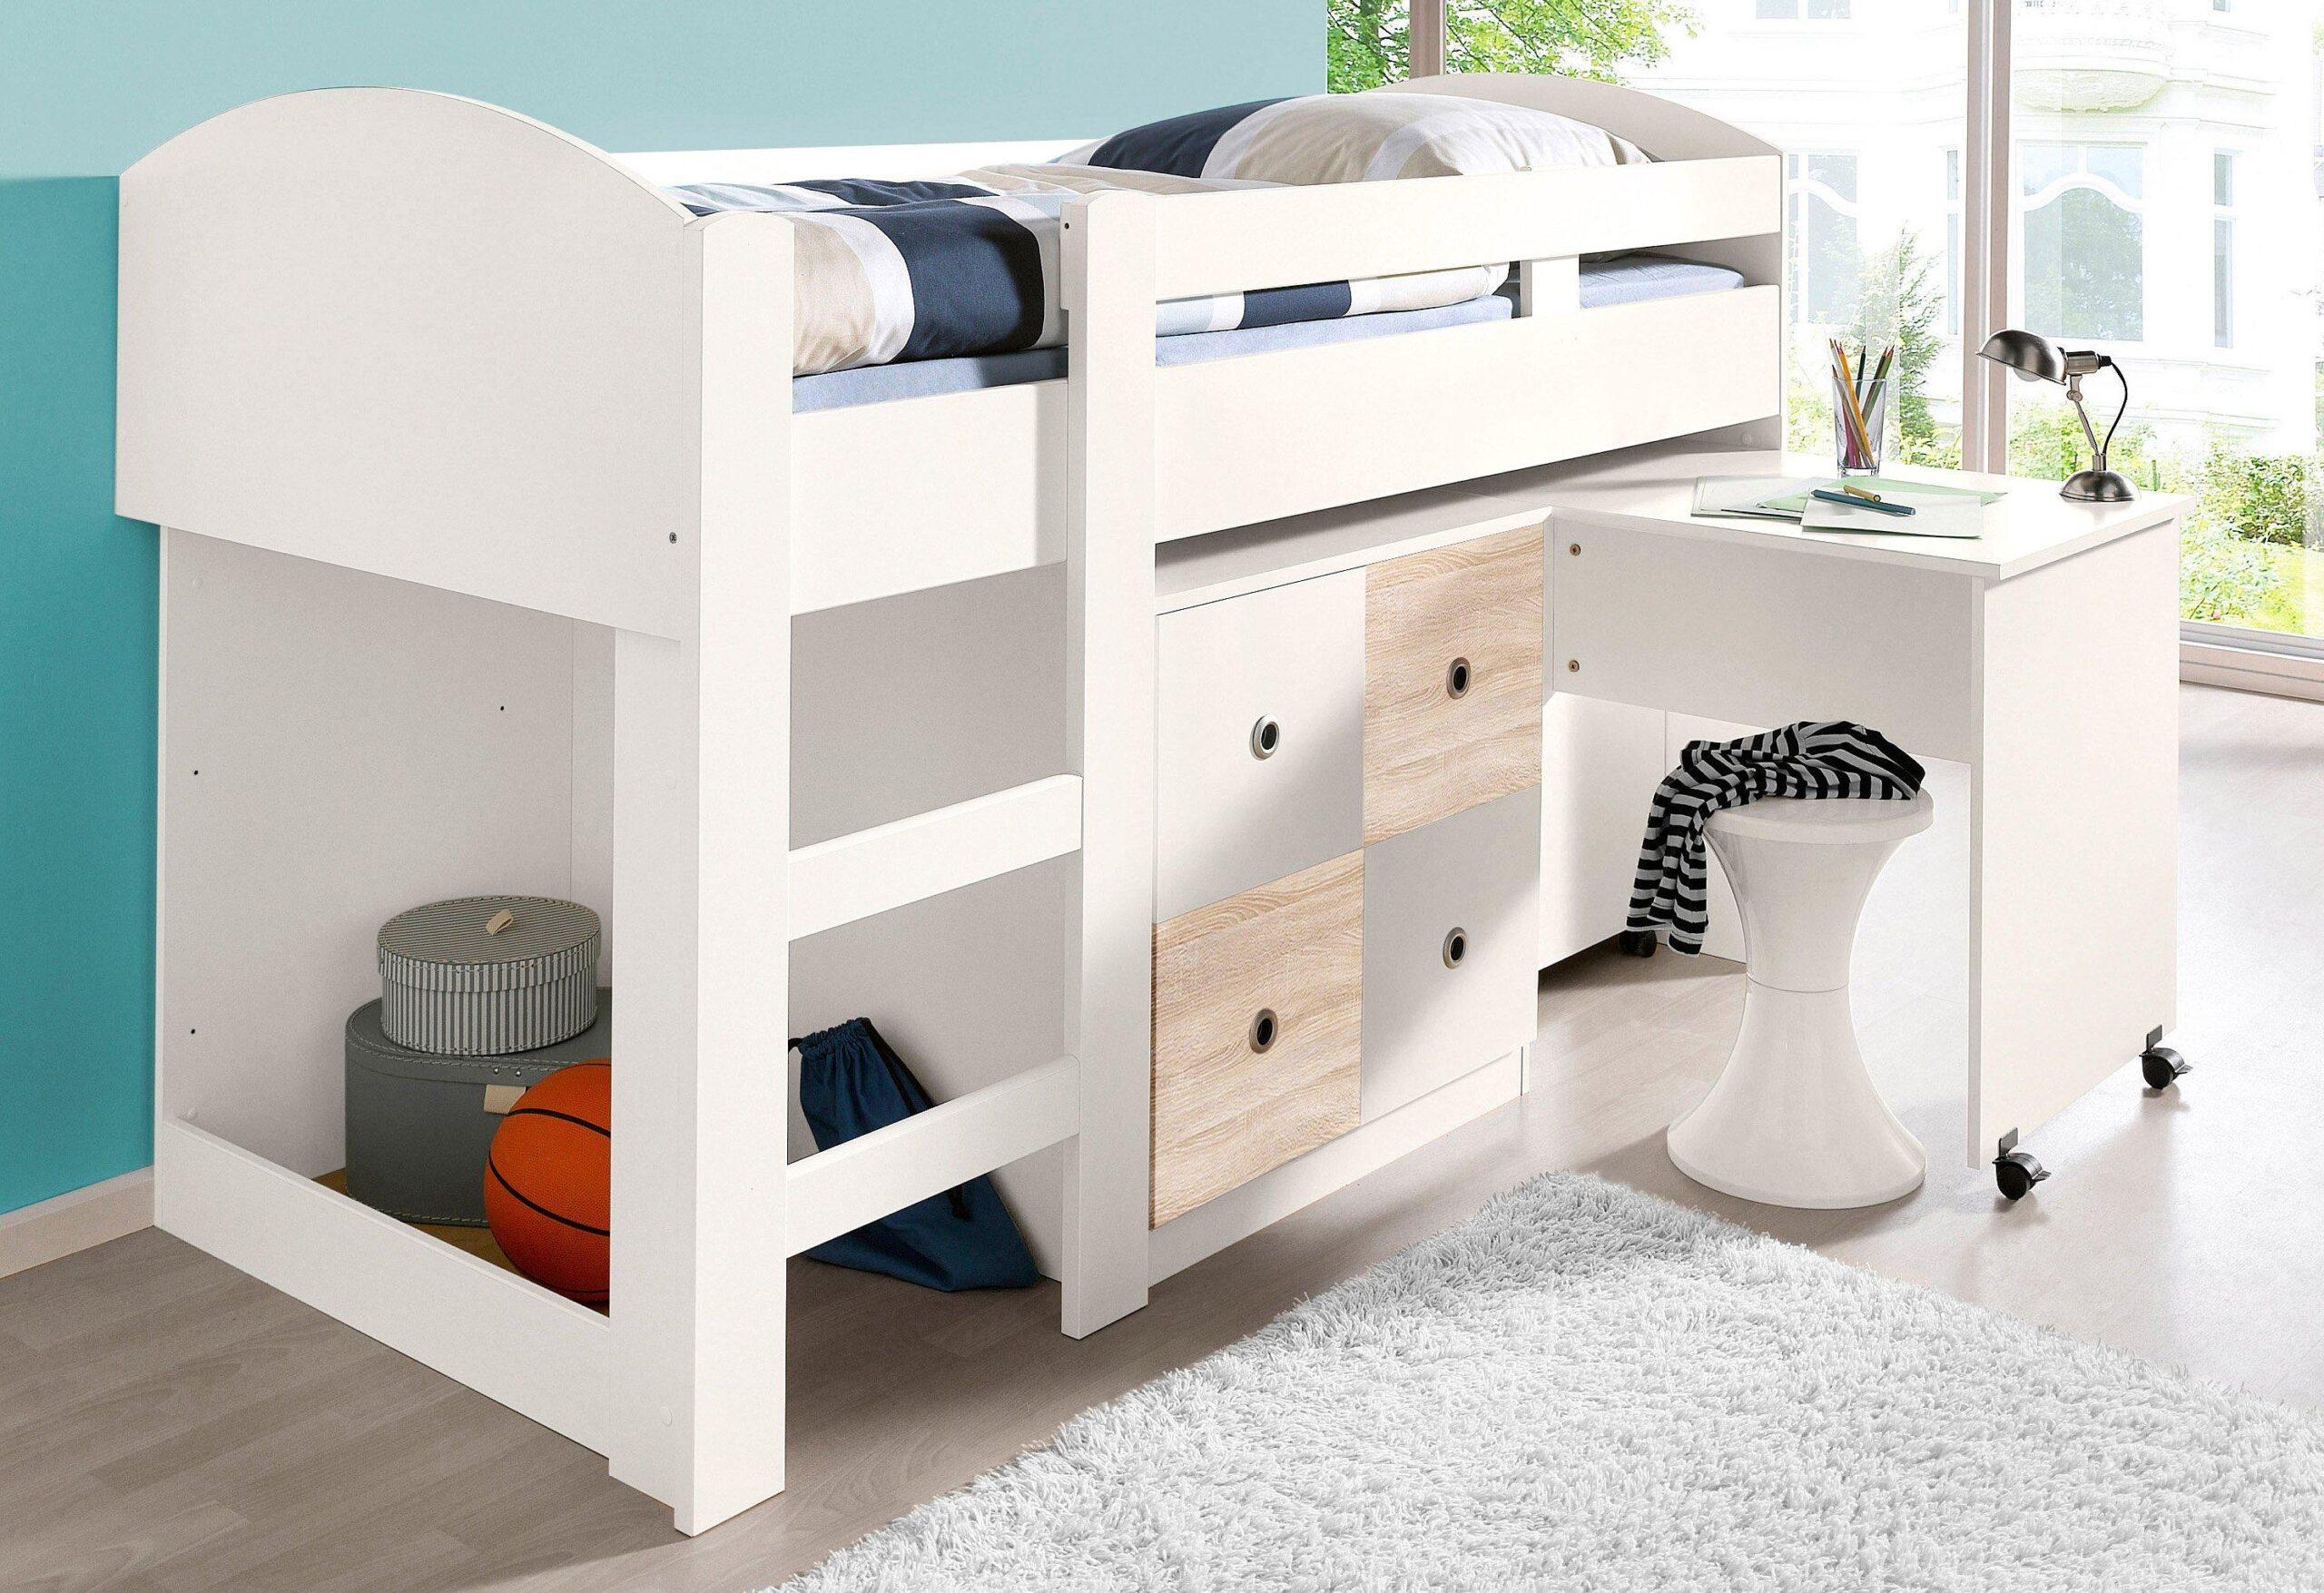 Full Size of Leinen Hochbetten Online Kaufen Mbel Suchmaschine Ladendirektde Sofa Kinderzimmer Regale Regal Weiß Kinderzimmer Hochbetten Kinderzimmer